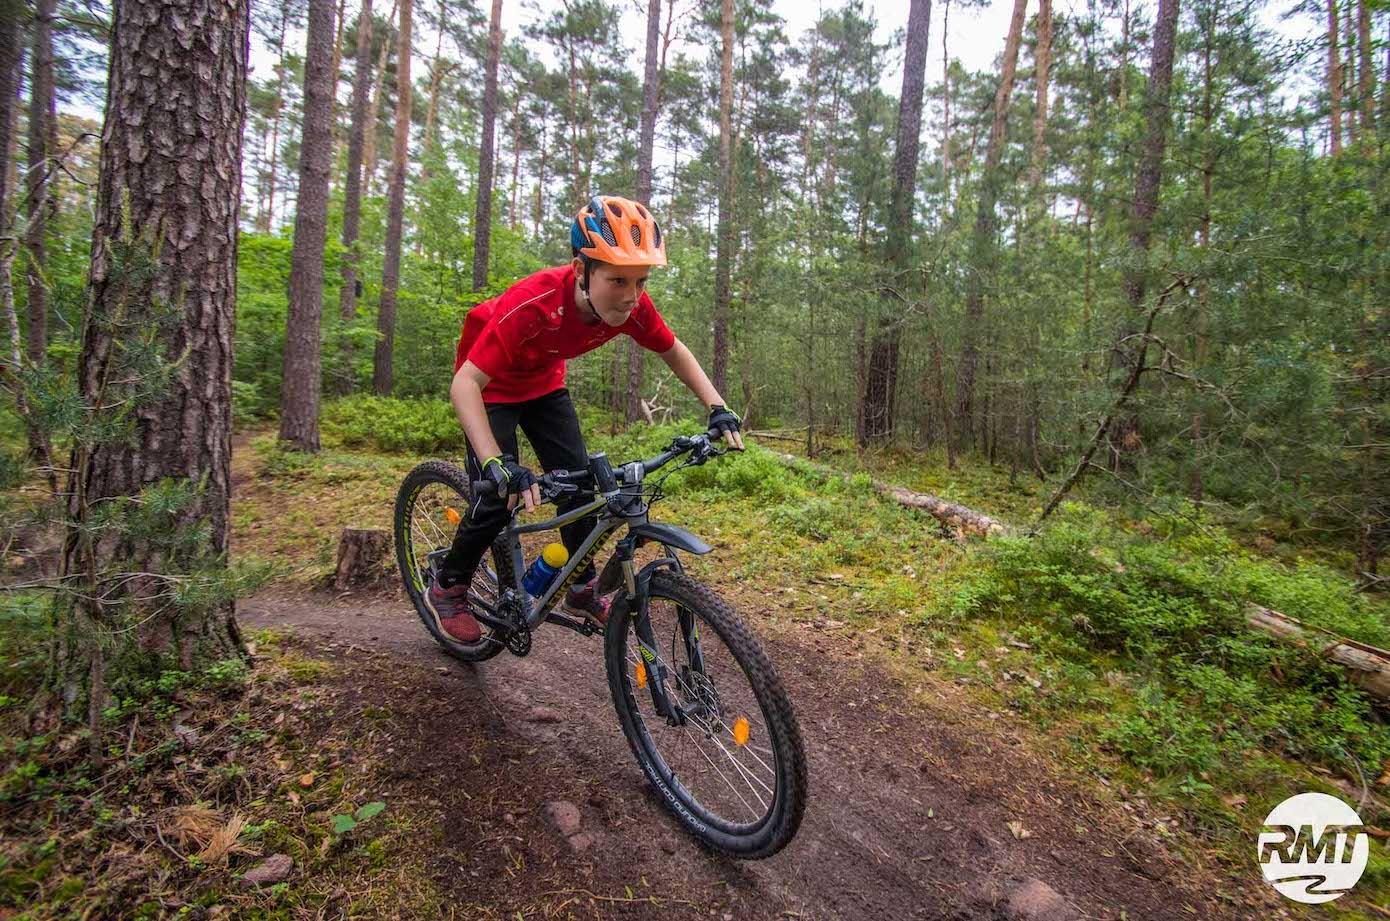 Mountainbike Kinder Kurs in Hamburg - 8-12 Jahre Kids - Harburger Berger Norden - Rock my Trail Fahrtechnik Bikeschule